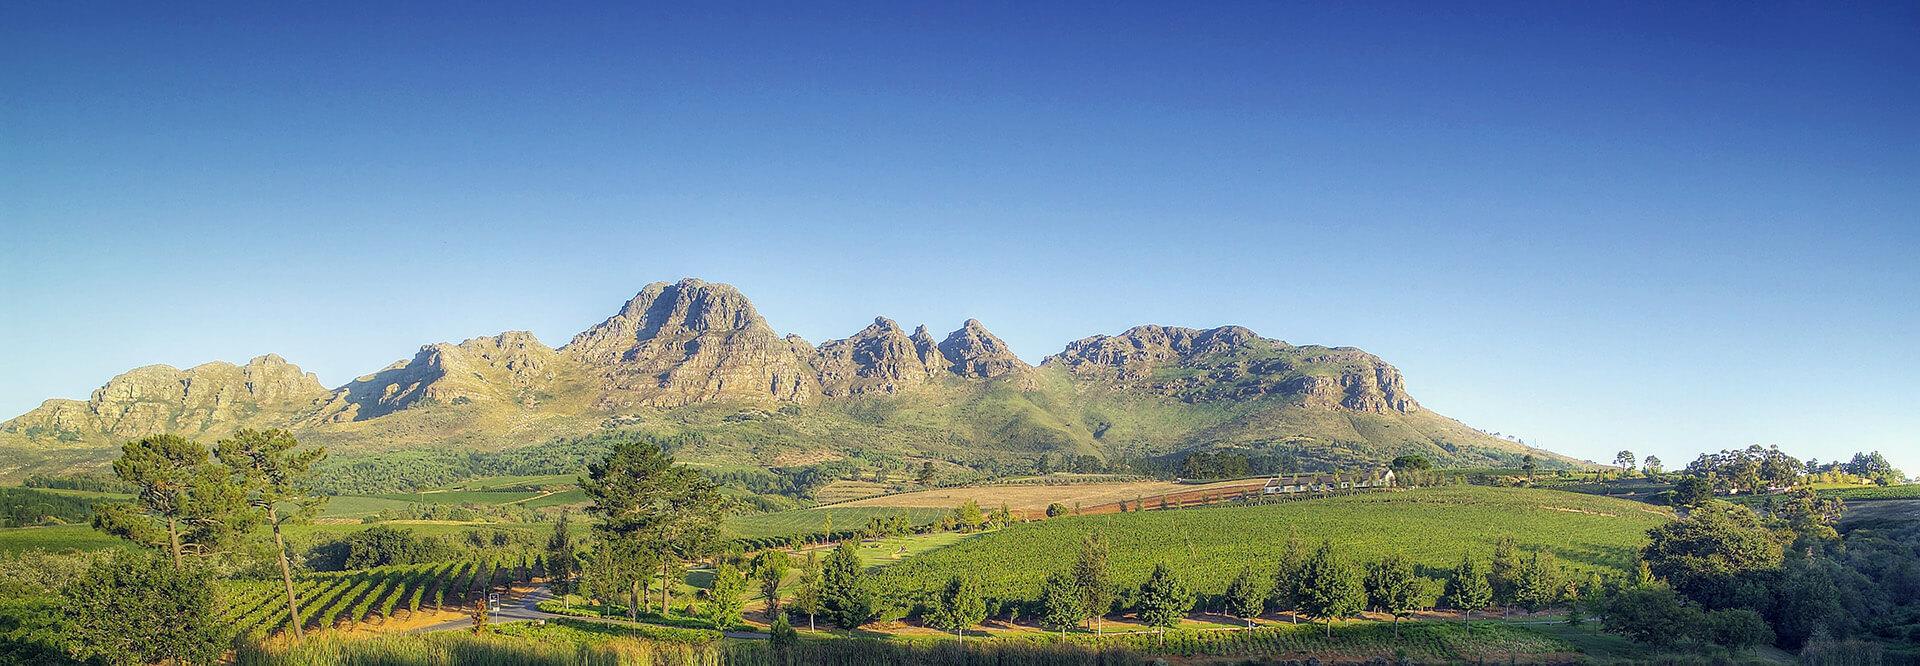 Stellenbosch Wine Routes Helderberg Ernie Els Wines - Mid Banner